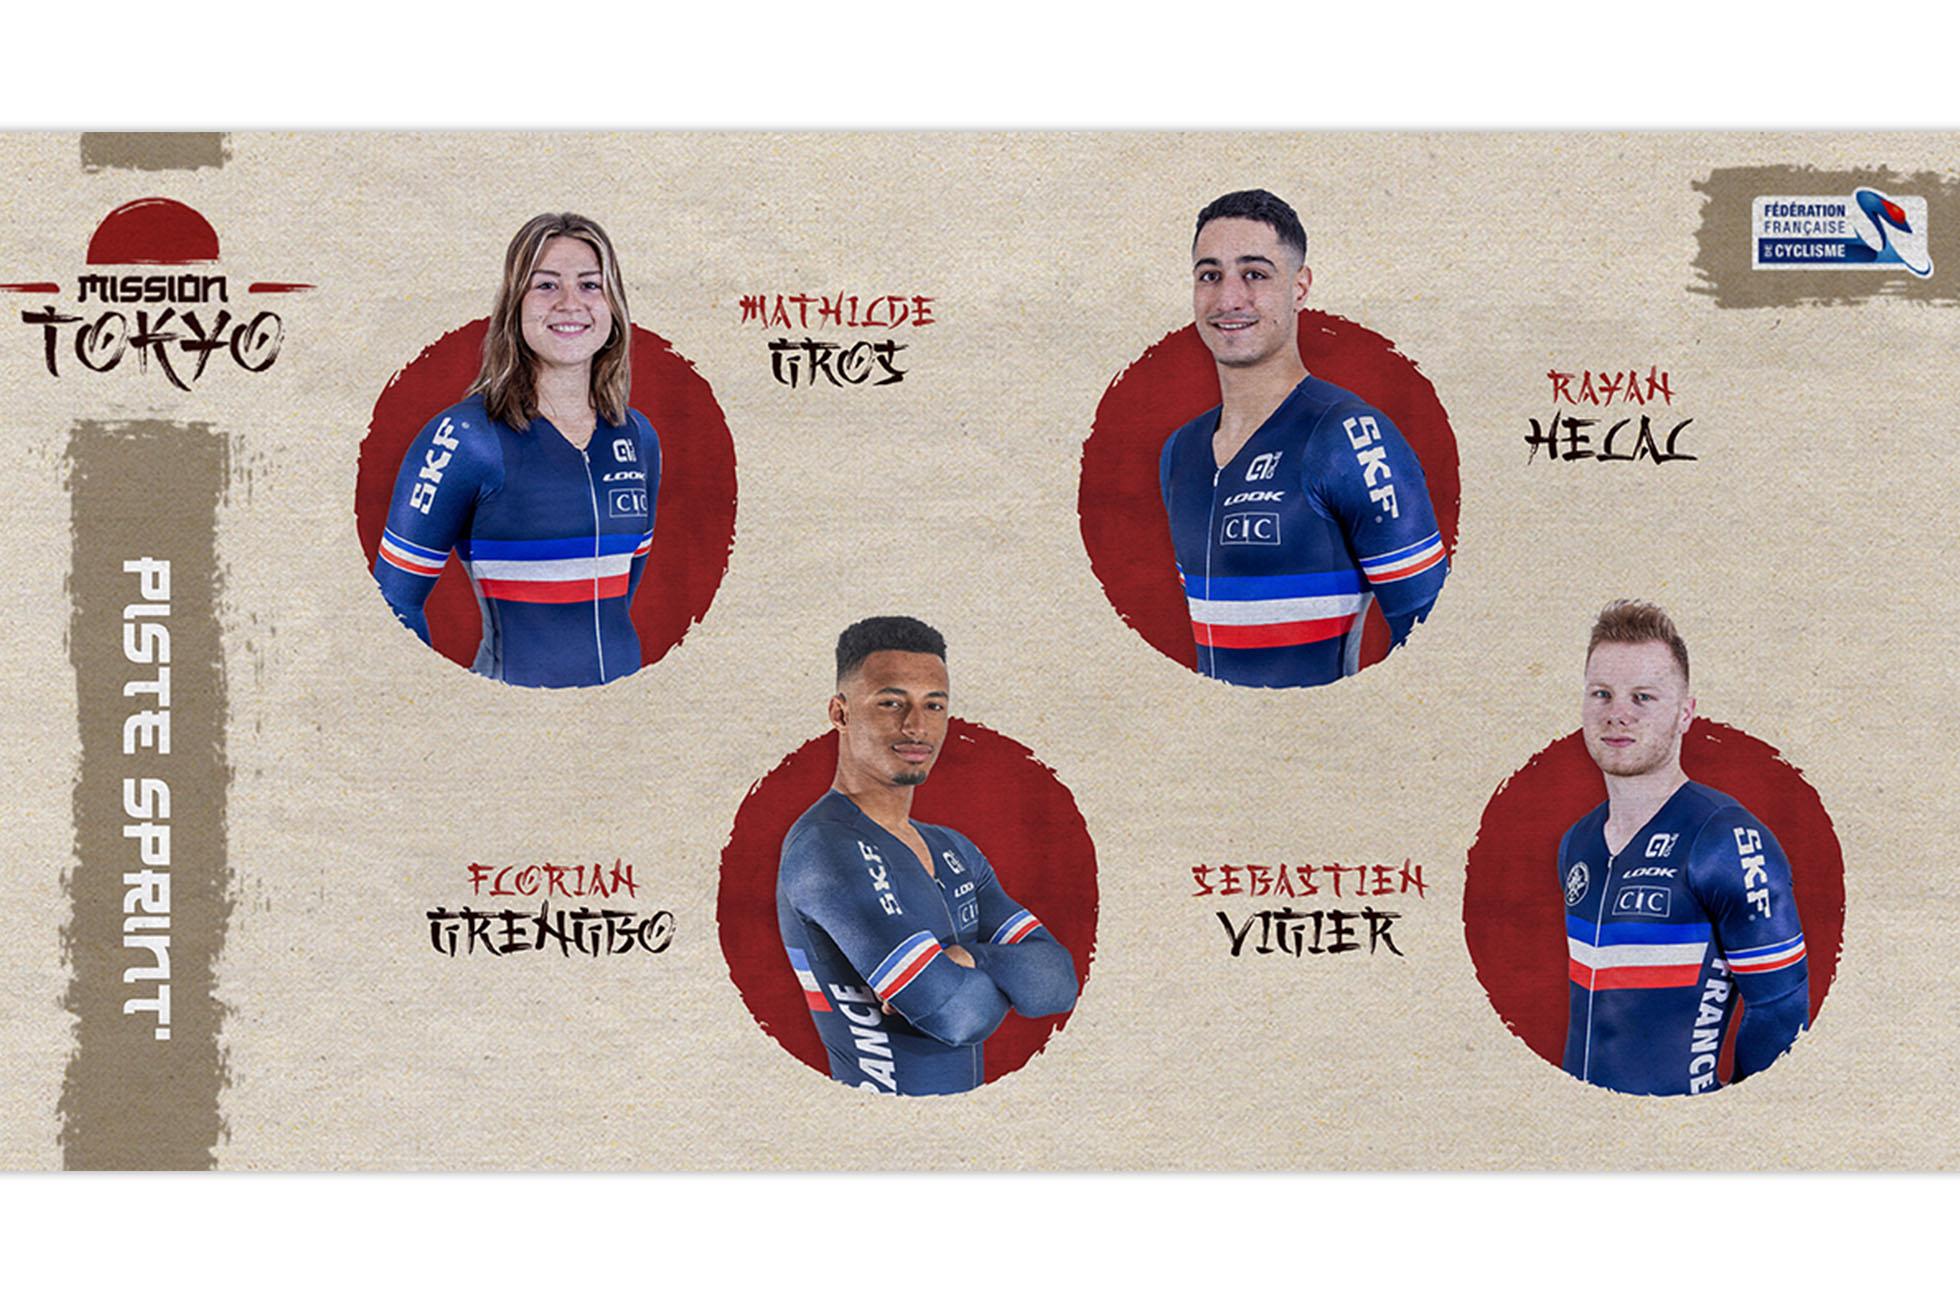 東京オリンピック自転車競技フランス代表